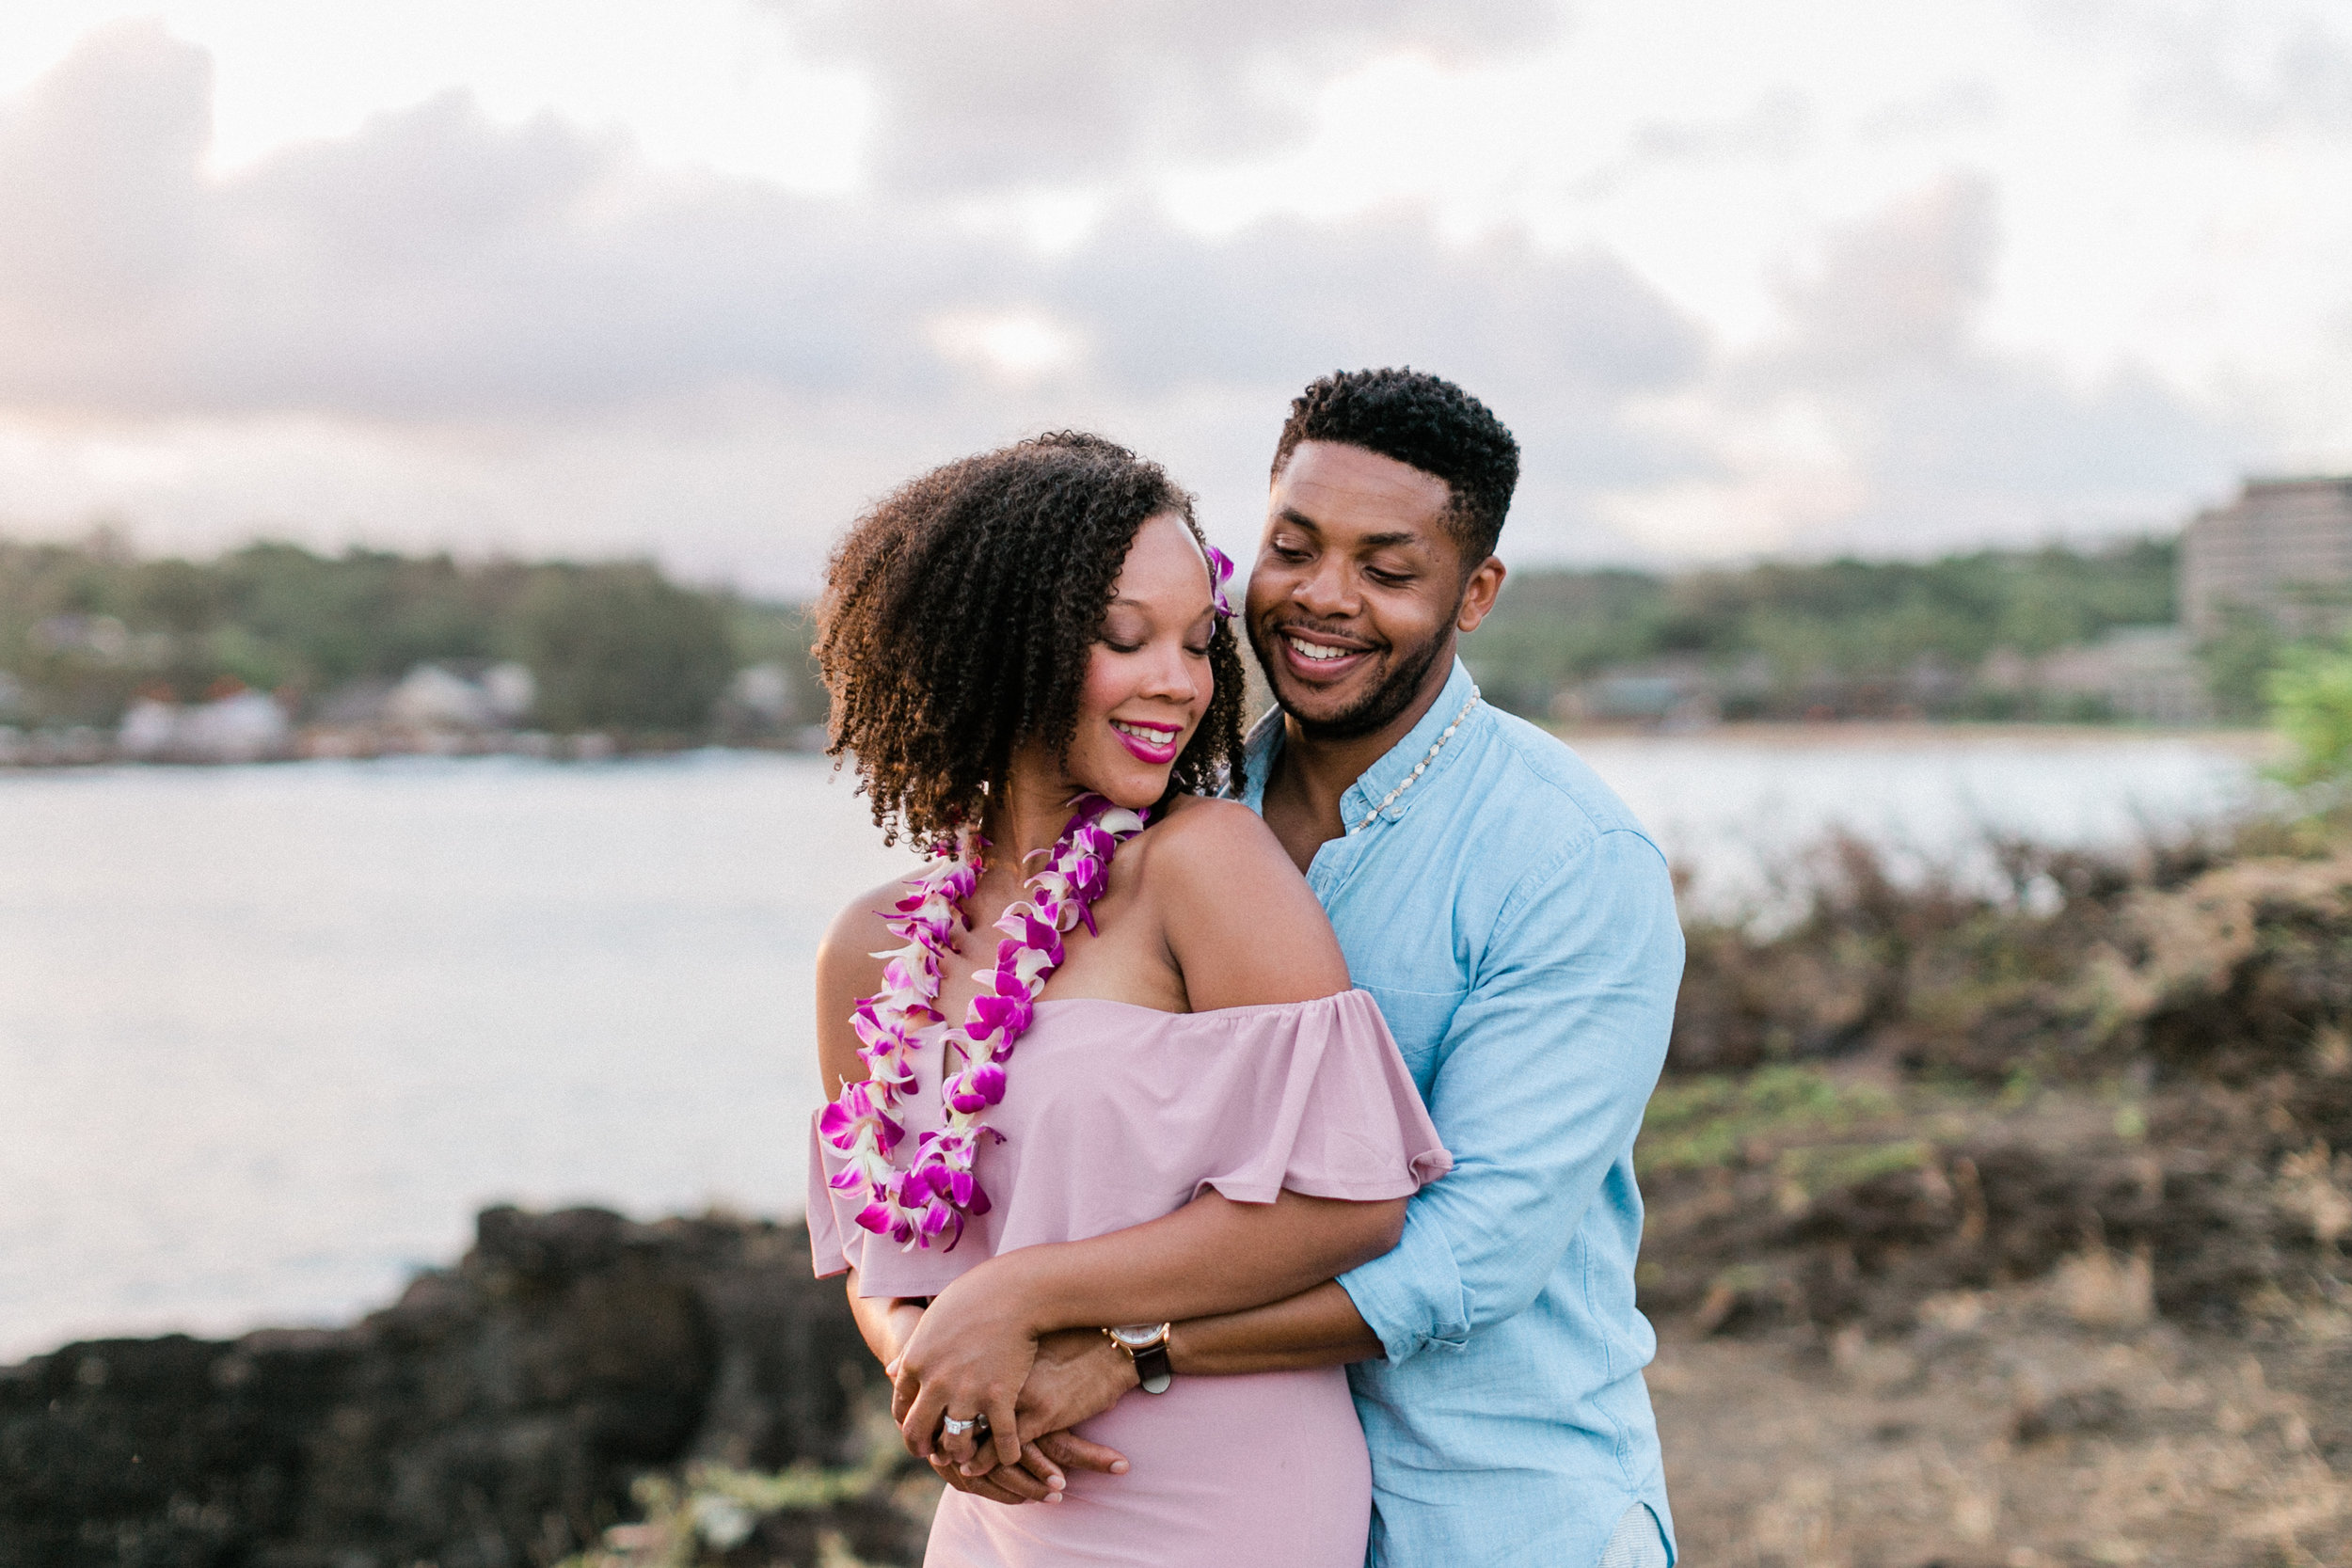 asher-gardner-hawaii-engagement-00015.jpg